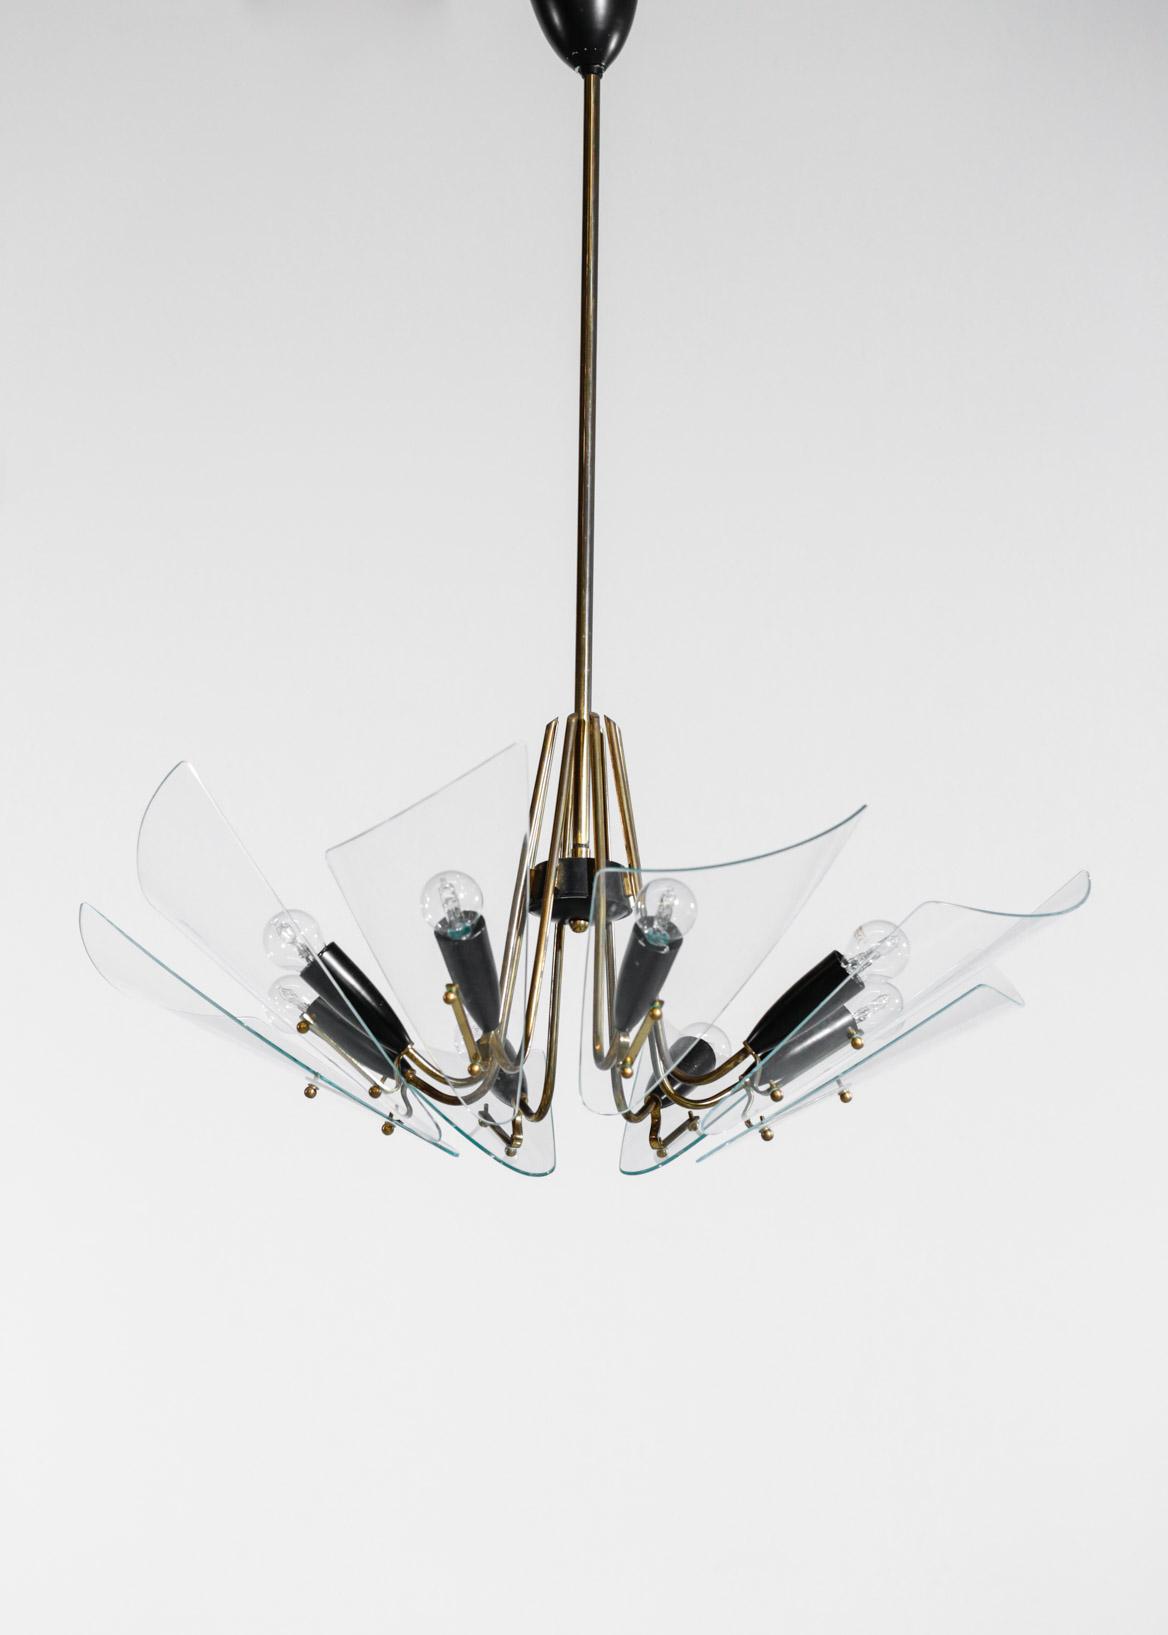 lustre italien vintage 8 pales en verre style fontana arte. Black Bedroom Furniture Sets. Home Design Ideas